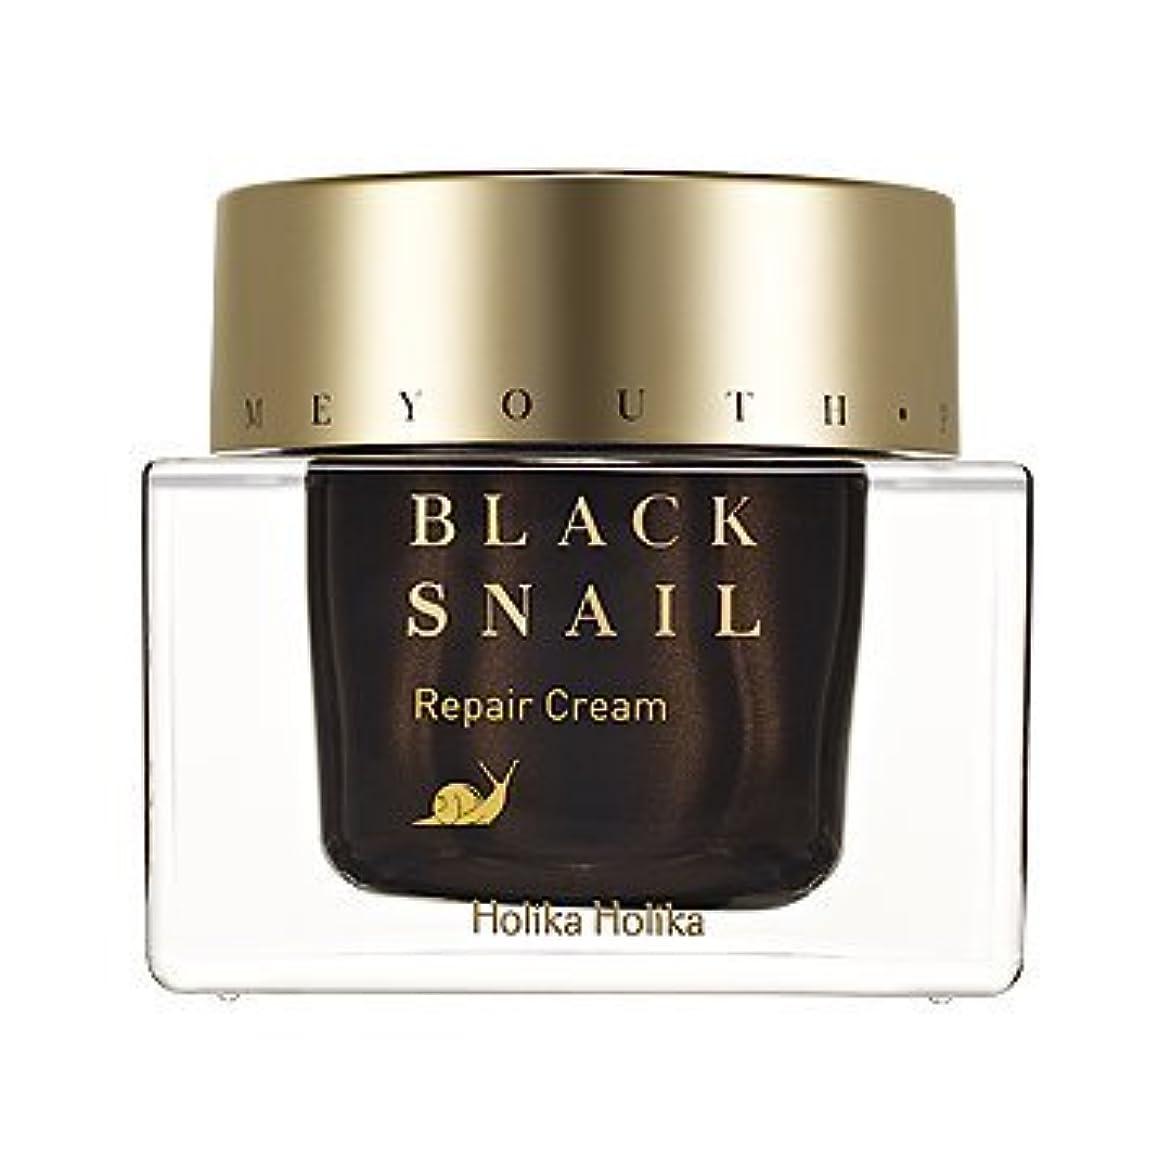 側大臣移民HolikaHolika(ホリカホリカ) Prime Youth Black Snail Repair Cream プライムユースブラックスネイルクリーム カタツムリ エスカルゴ [並行輸入品]